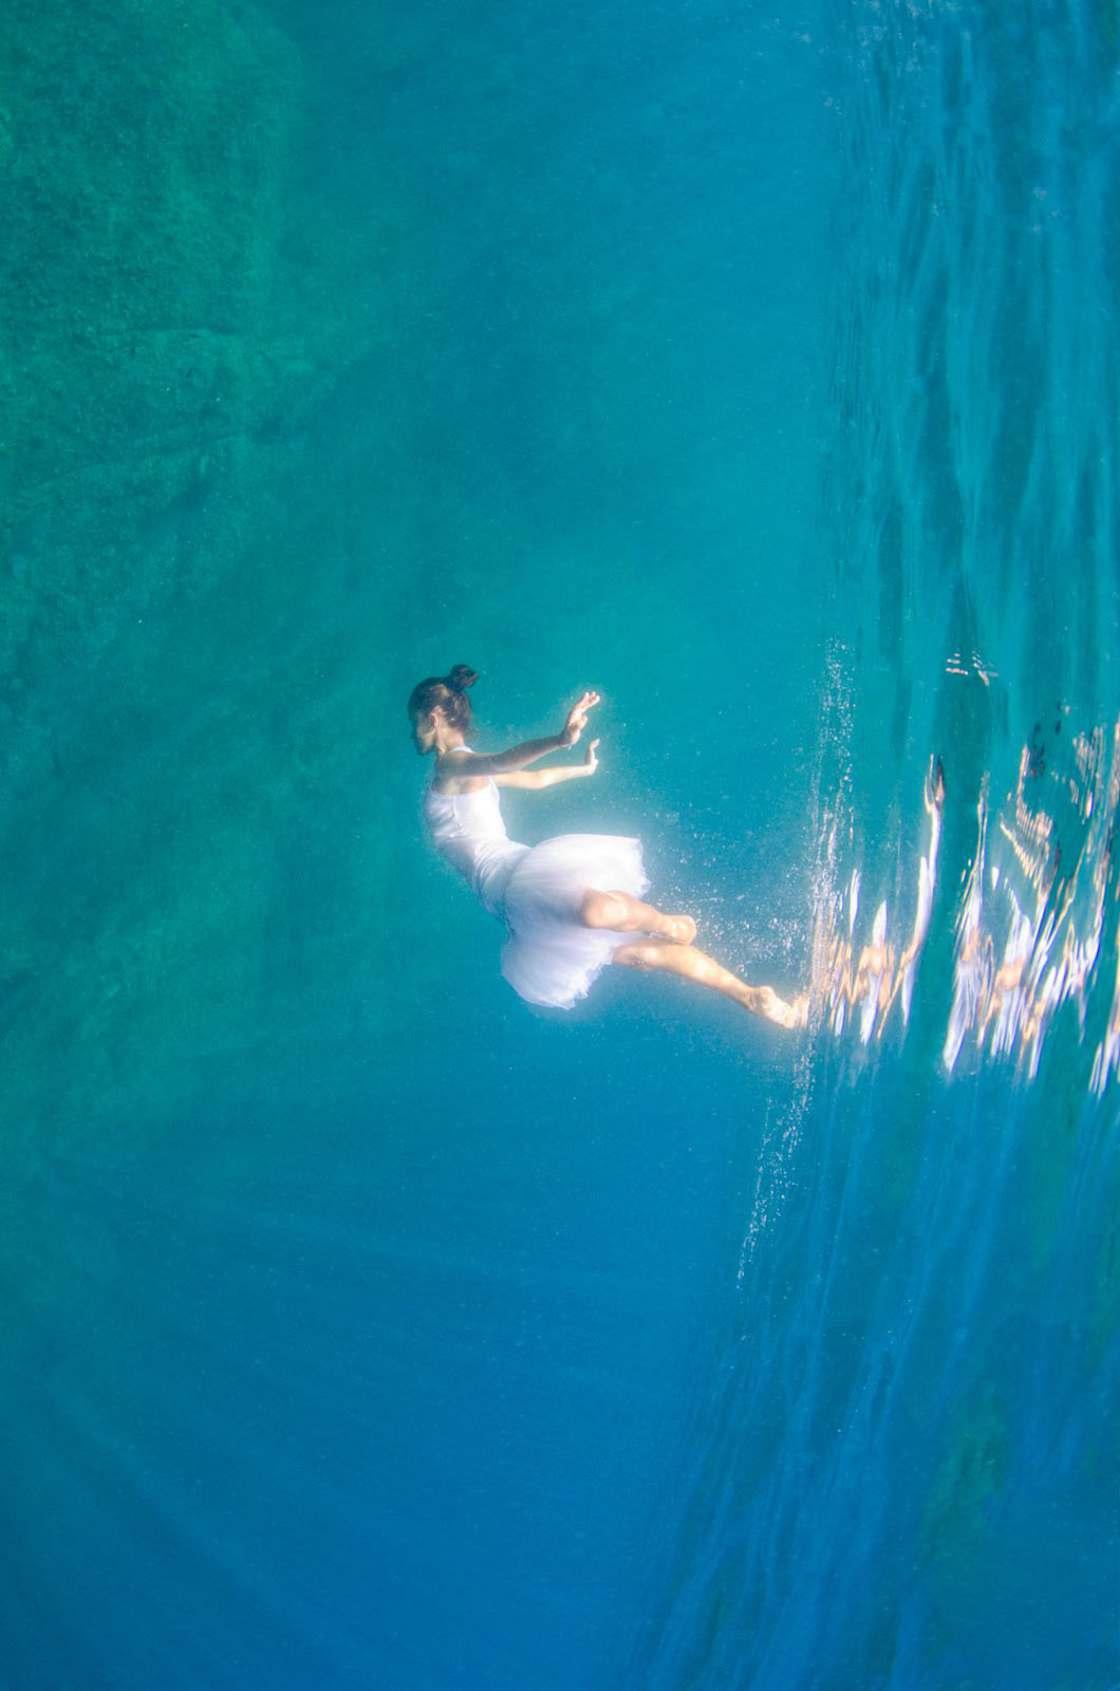 Liquid Dreams – Capturing ballerinas underwater in captivating photos (15 pics)